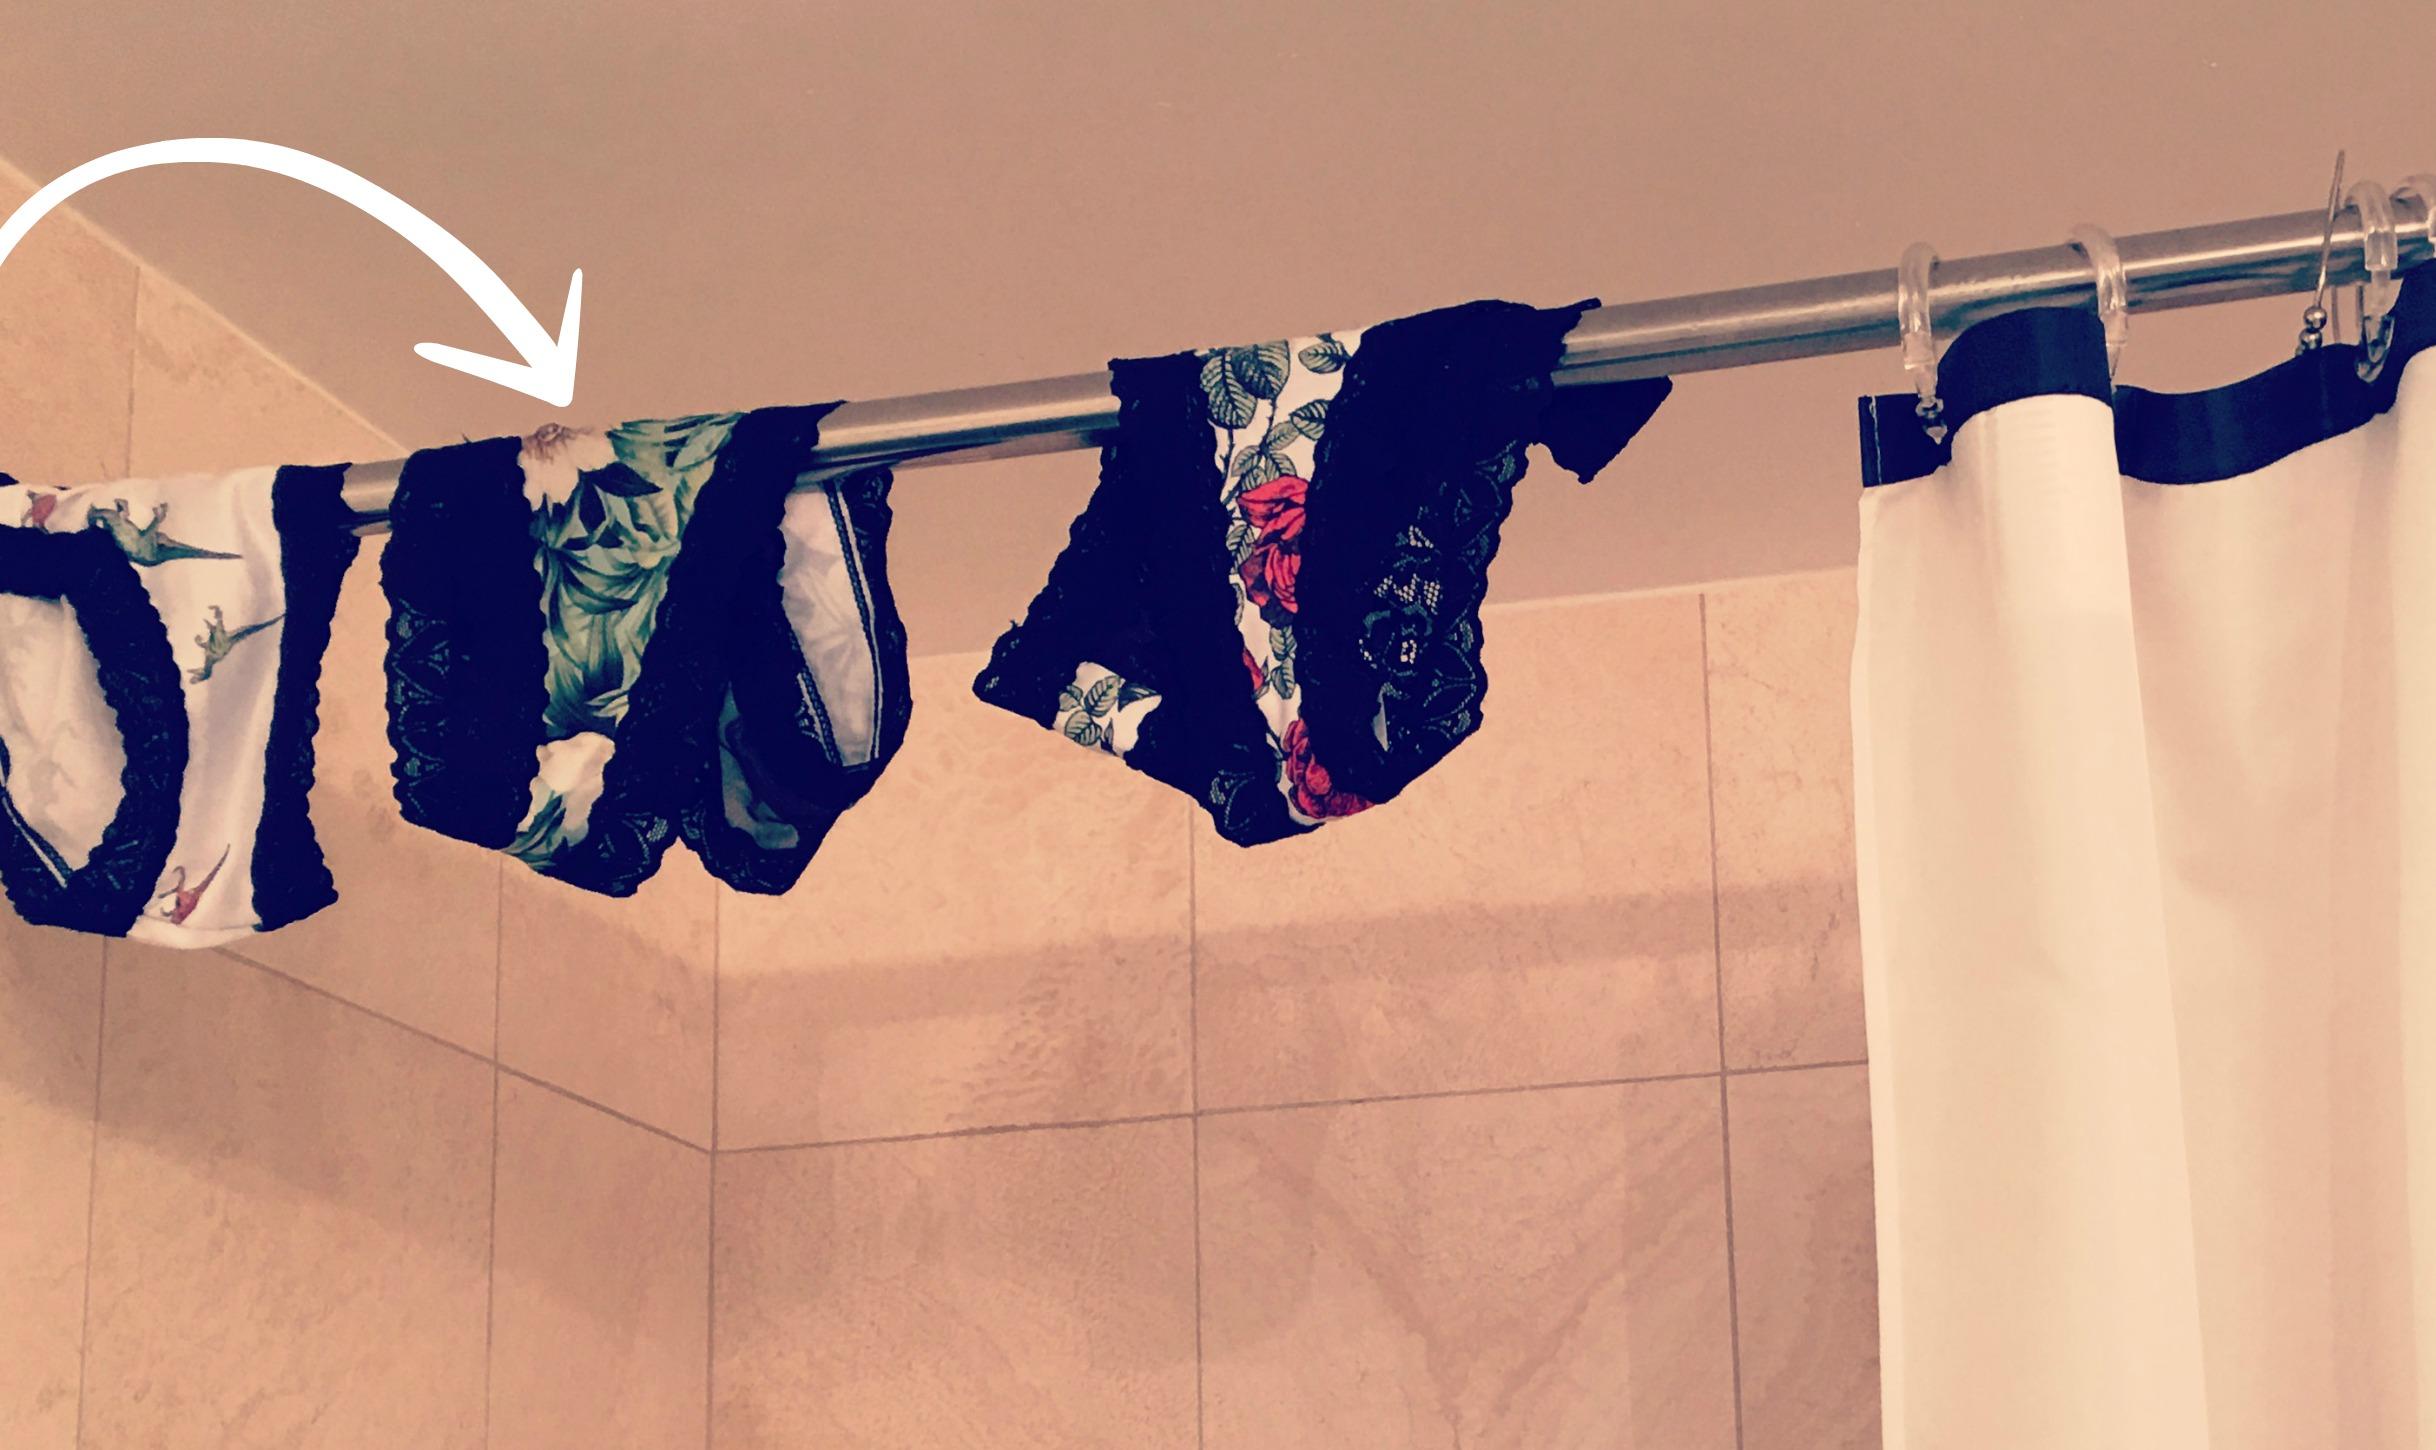 191 Por Qu 233 Lavamos Los Panties En La Ducha Y Otras Cinco